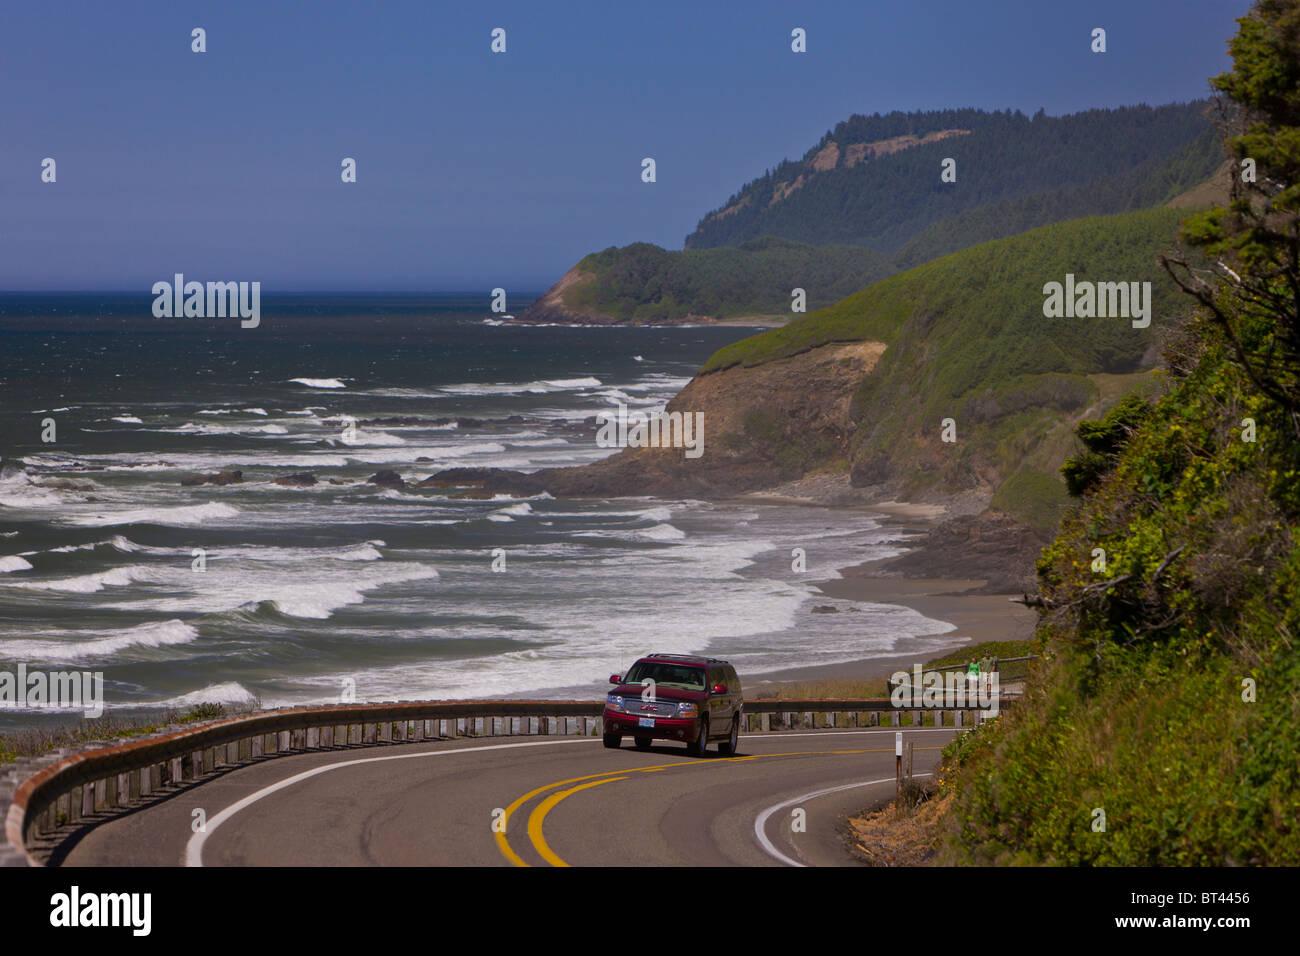 FLORENCE, OREGON, USA - Pkw-Verkehr auf der malerischen Route 101 auf zentrale Oregon Küste. Stockbild